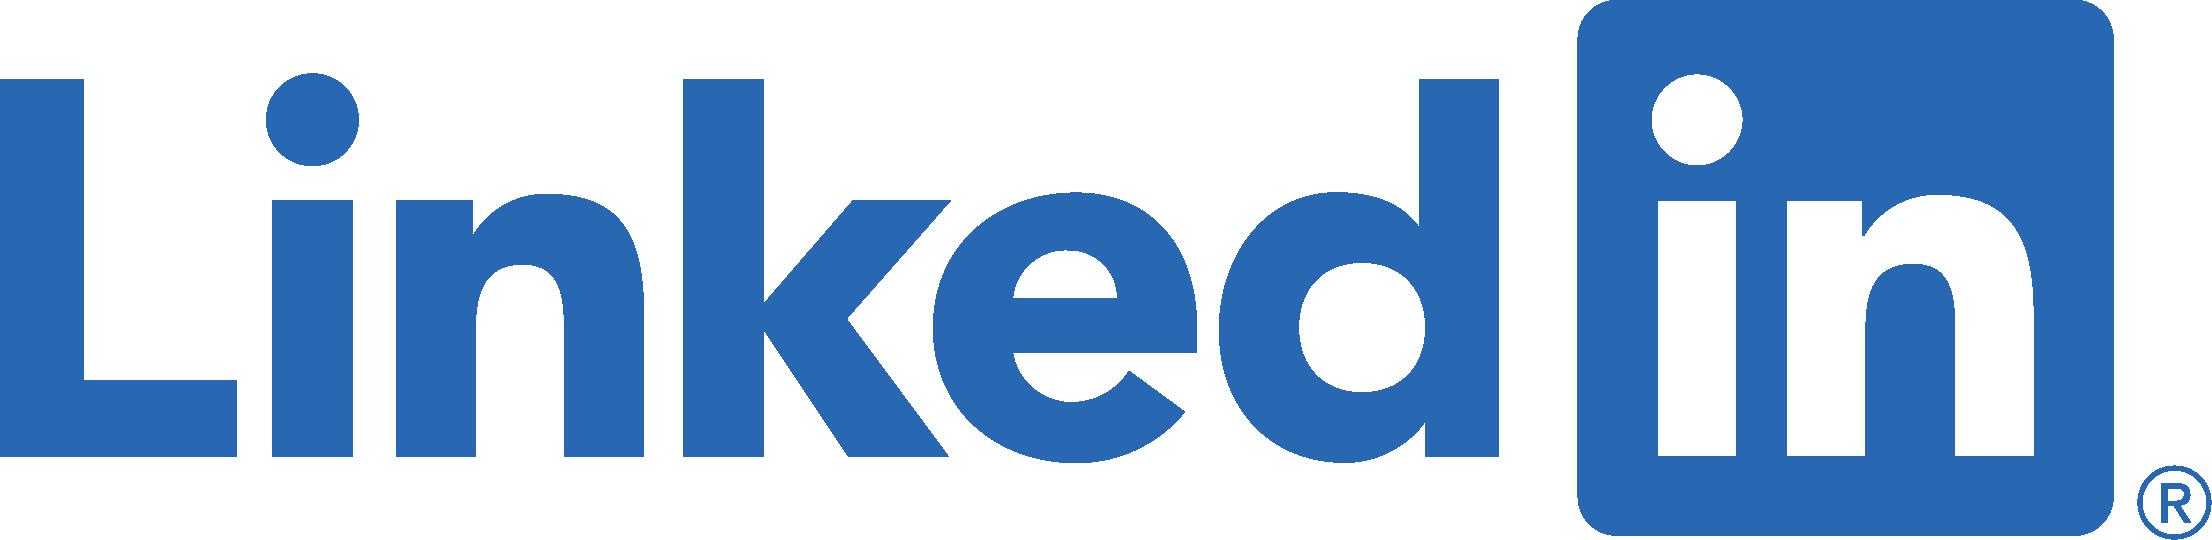 Følg os på LinkedIn